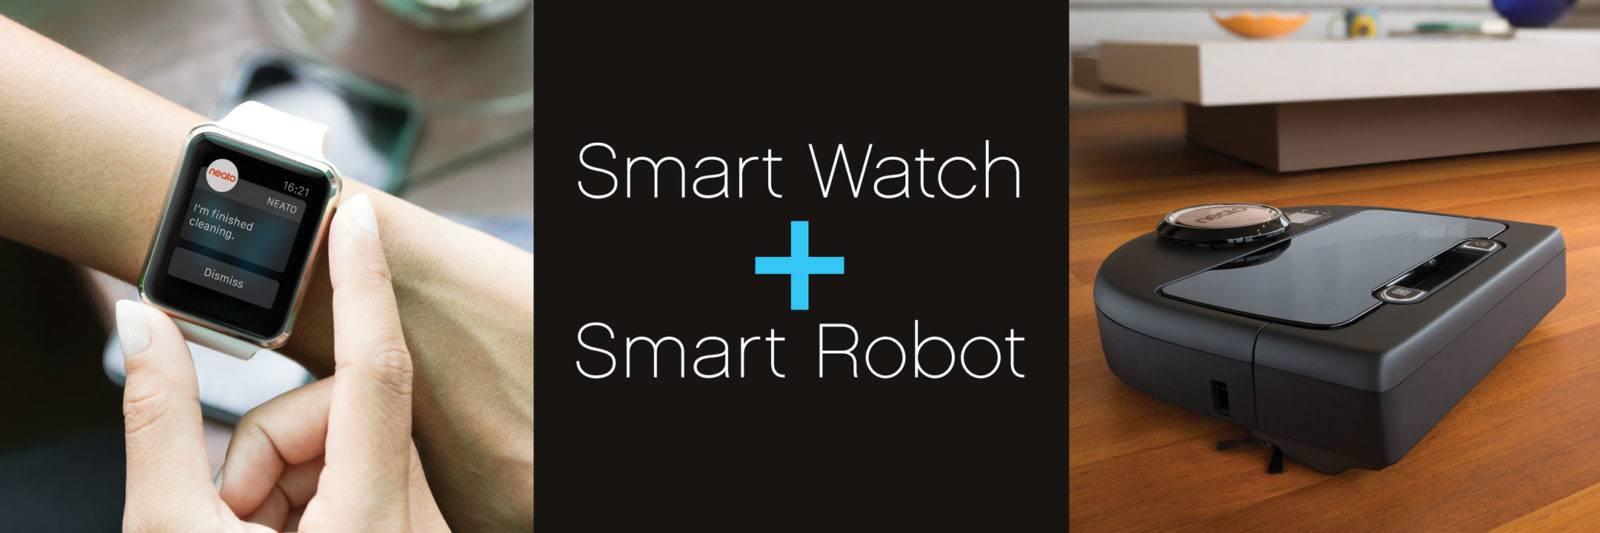 Smart Watch Smart Robot